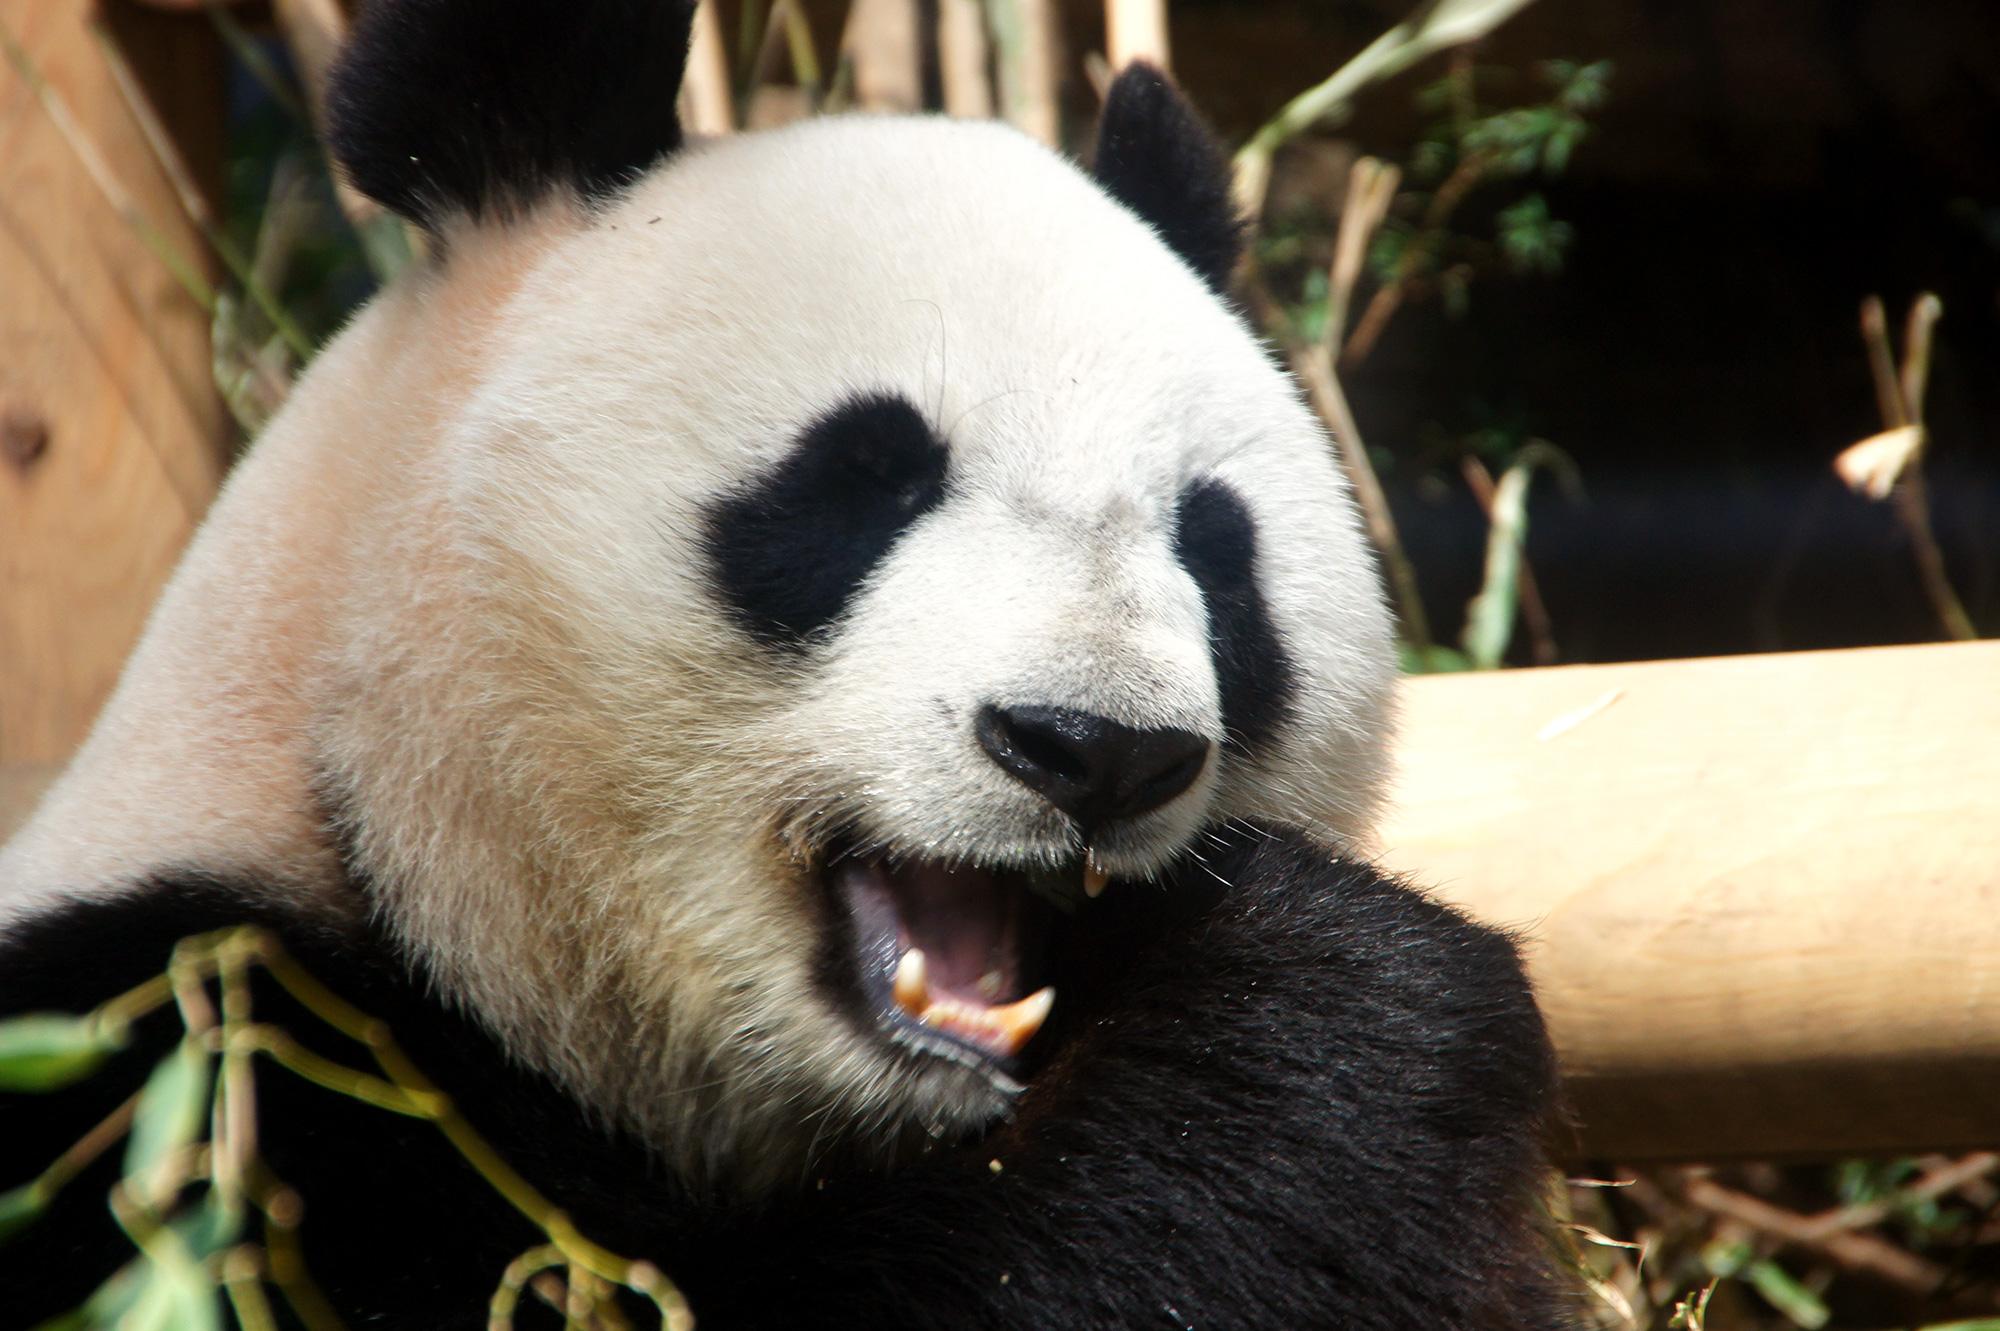 ジャイアントパンダの写真素材(フリー)